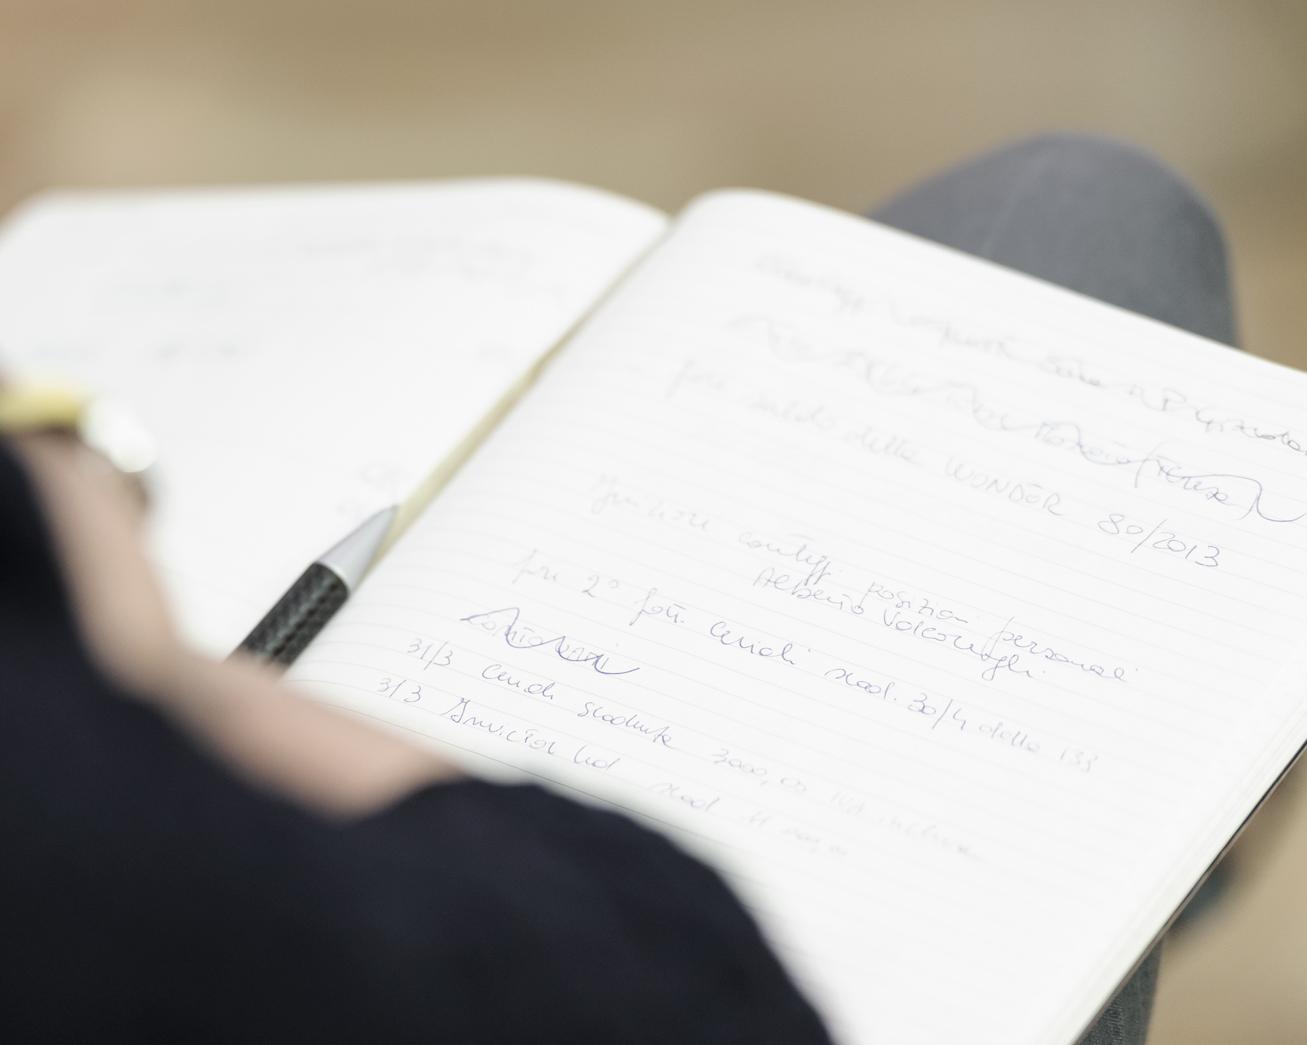 il diritto d'autore per ingegno creativo